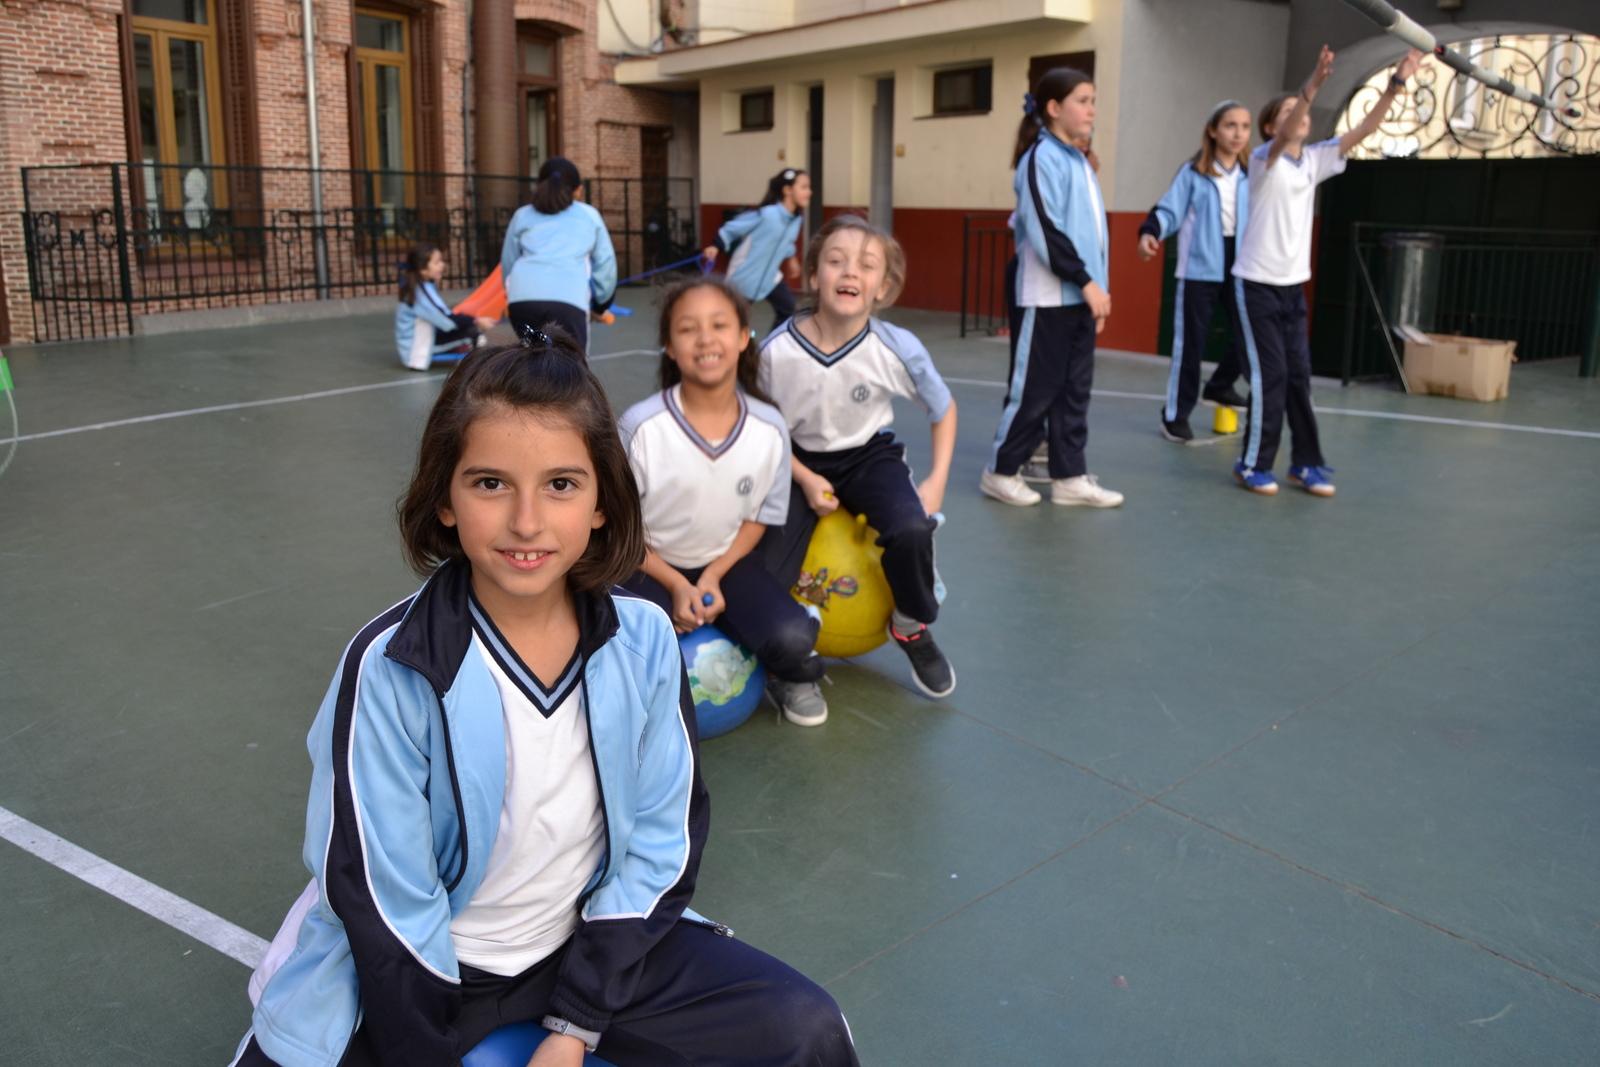 JORNADAS CULTURALES 2019: Juegos 3º y 4º Edu. Primaria 35